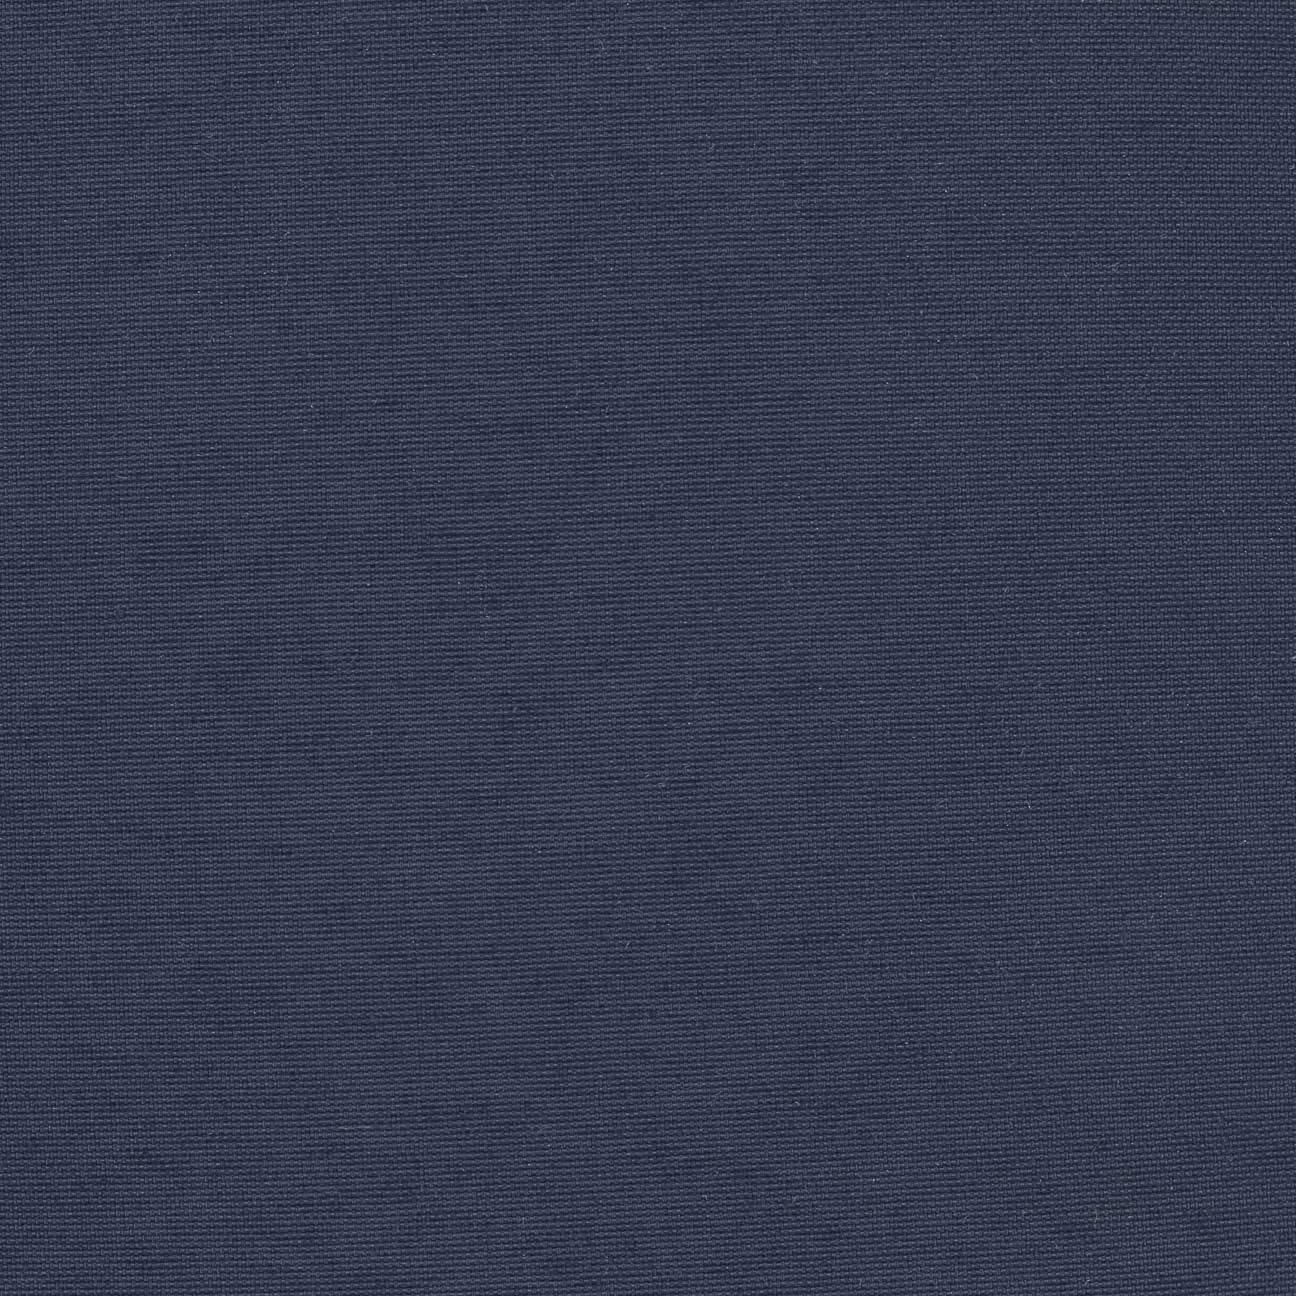 Lierys Gore-Tex Protect Light Flat Cap Women/Men Navy 7 1/2 by Lierys (Image #5)